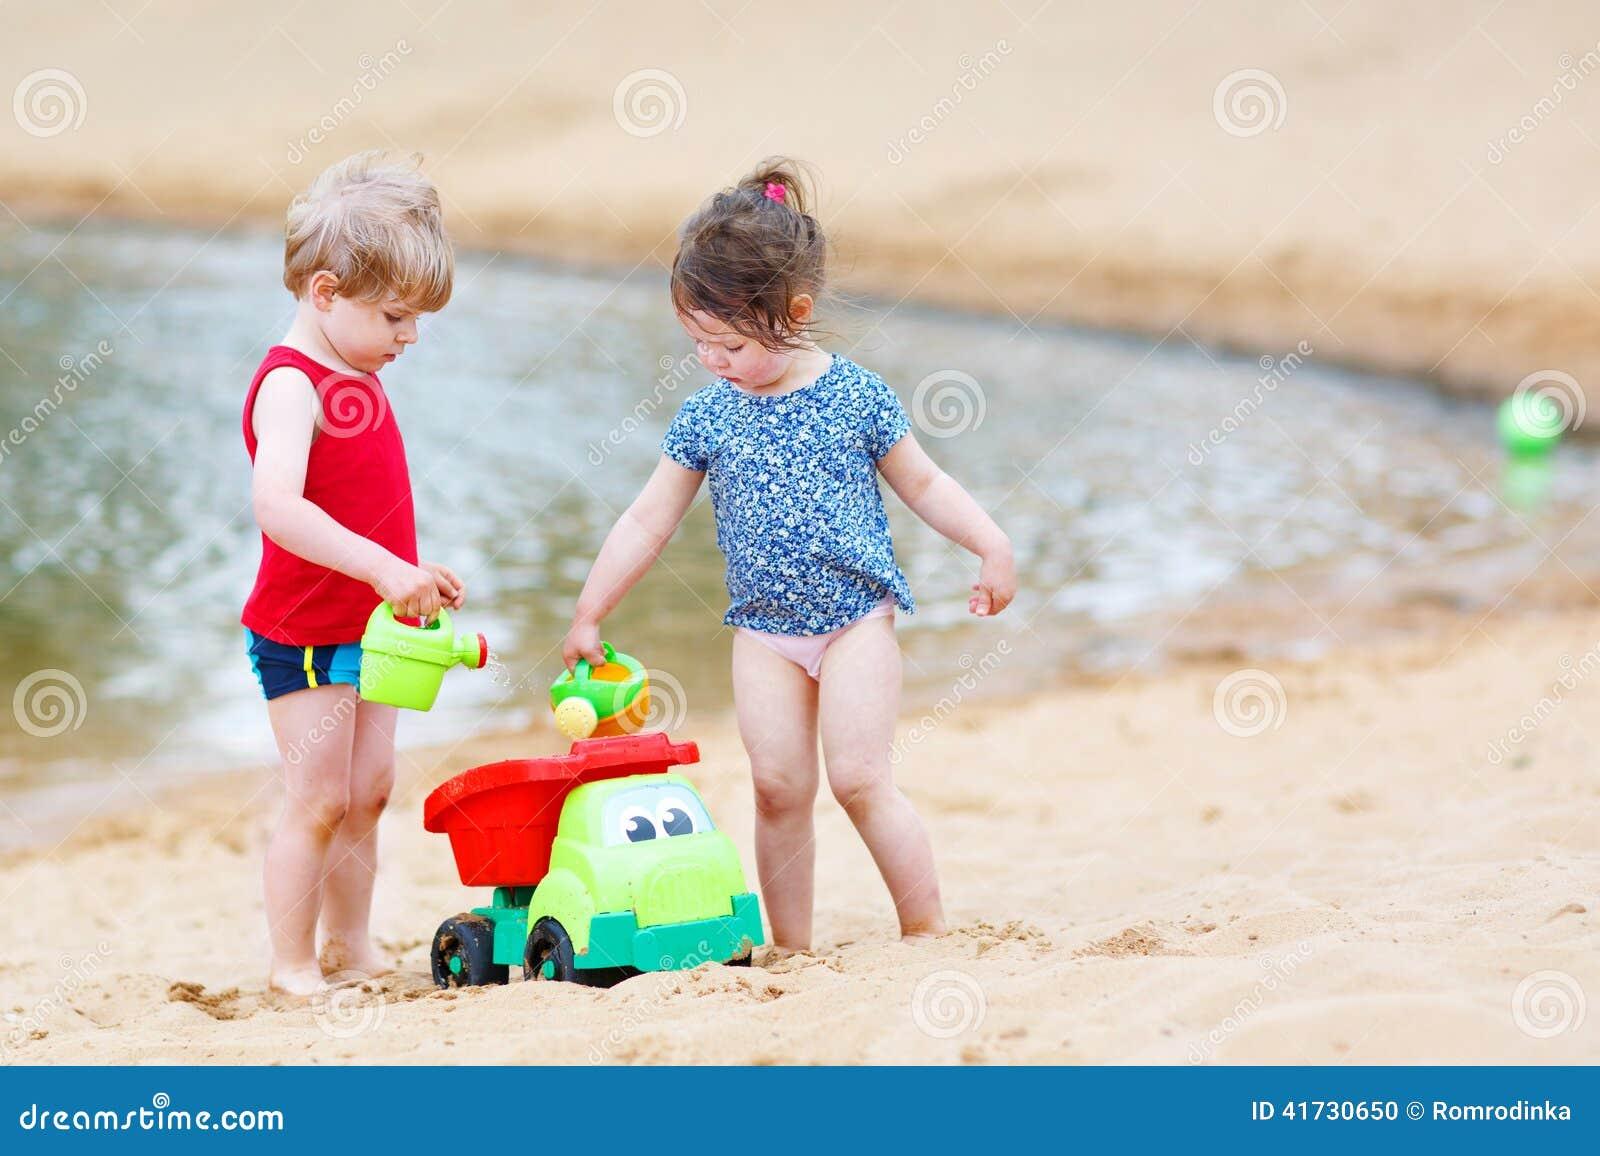 Enfants de mêmes parents heureux : garçon et fille jouant ensemble en été